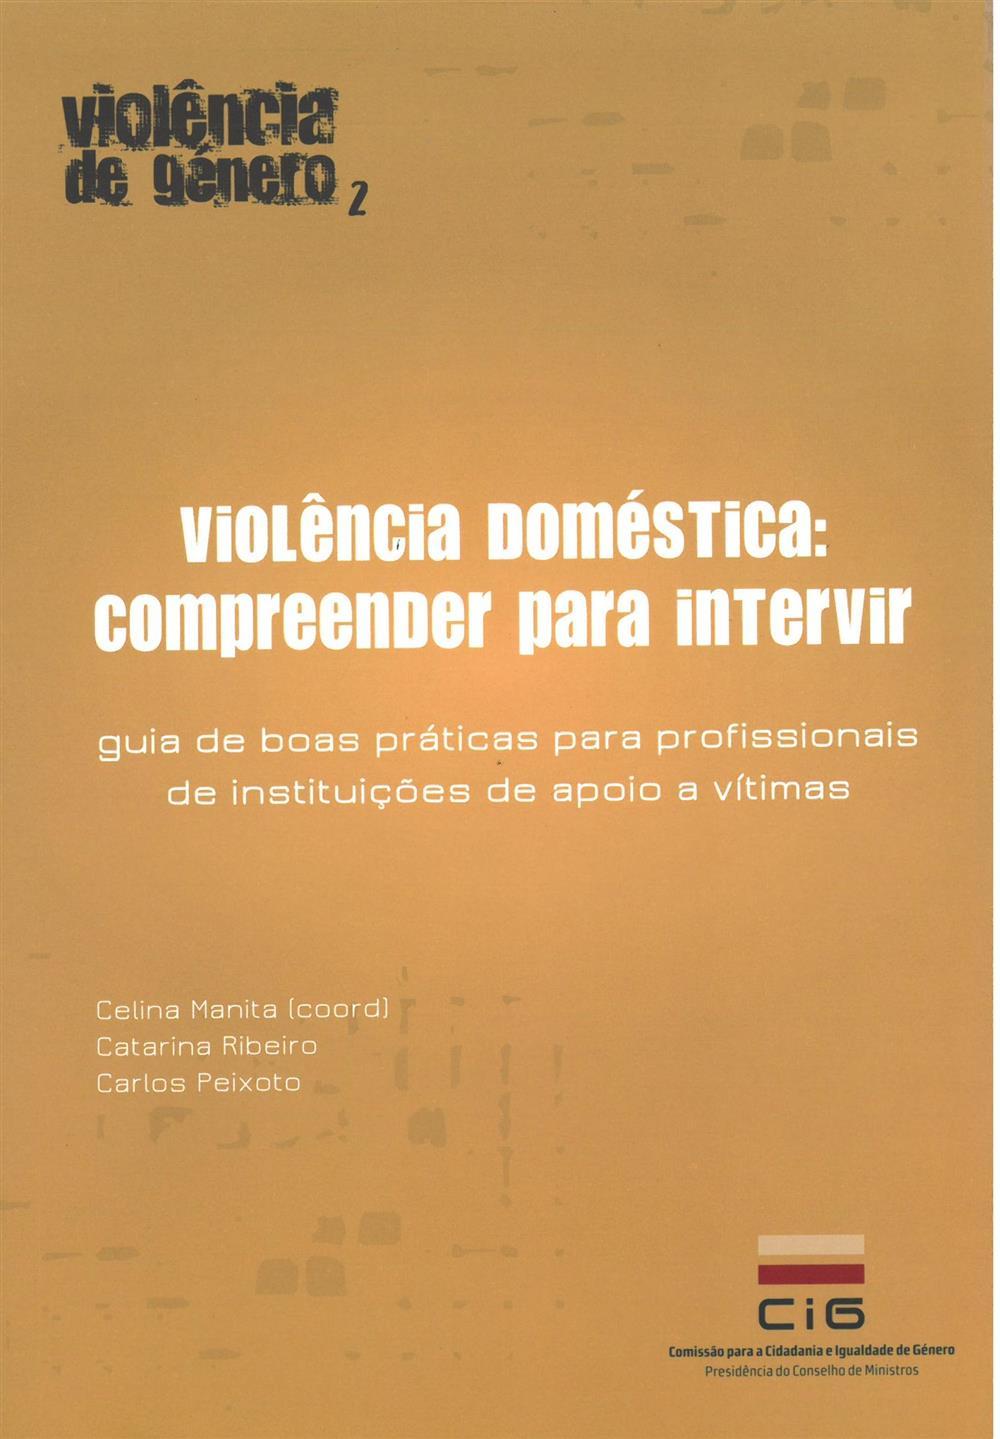 Violência doméstica : compreender para intervir.jpg